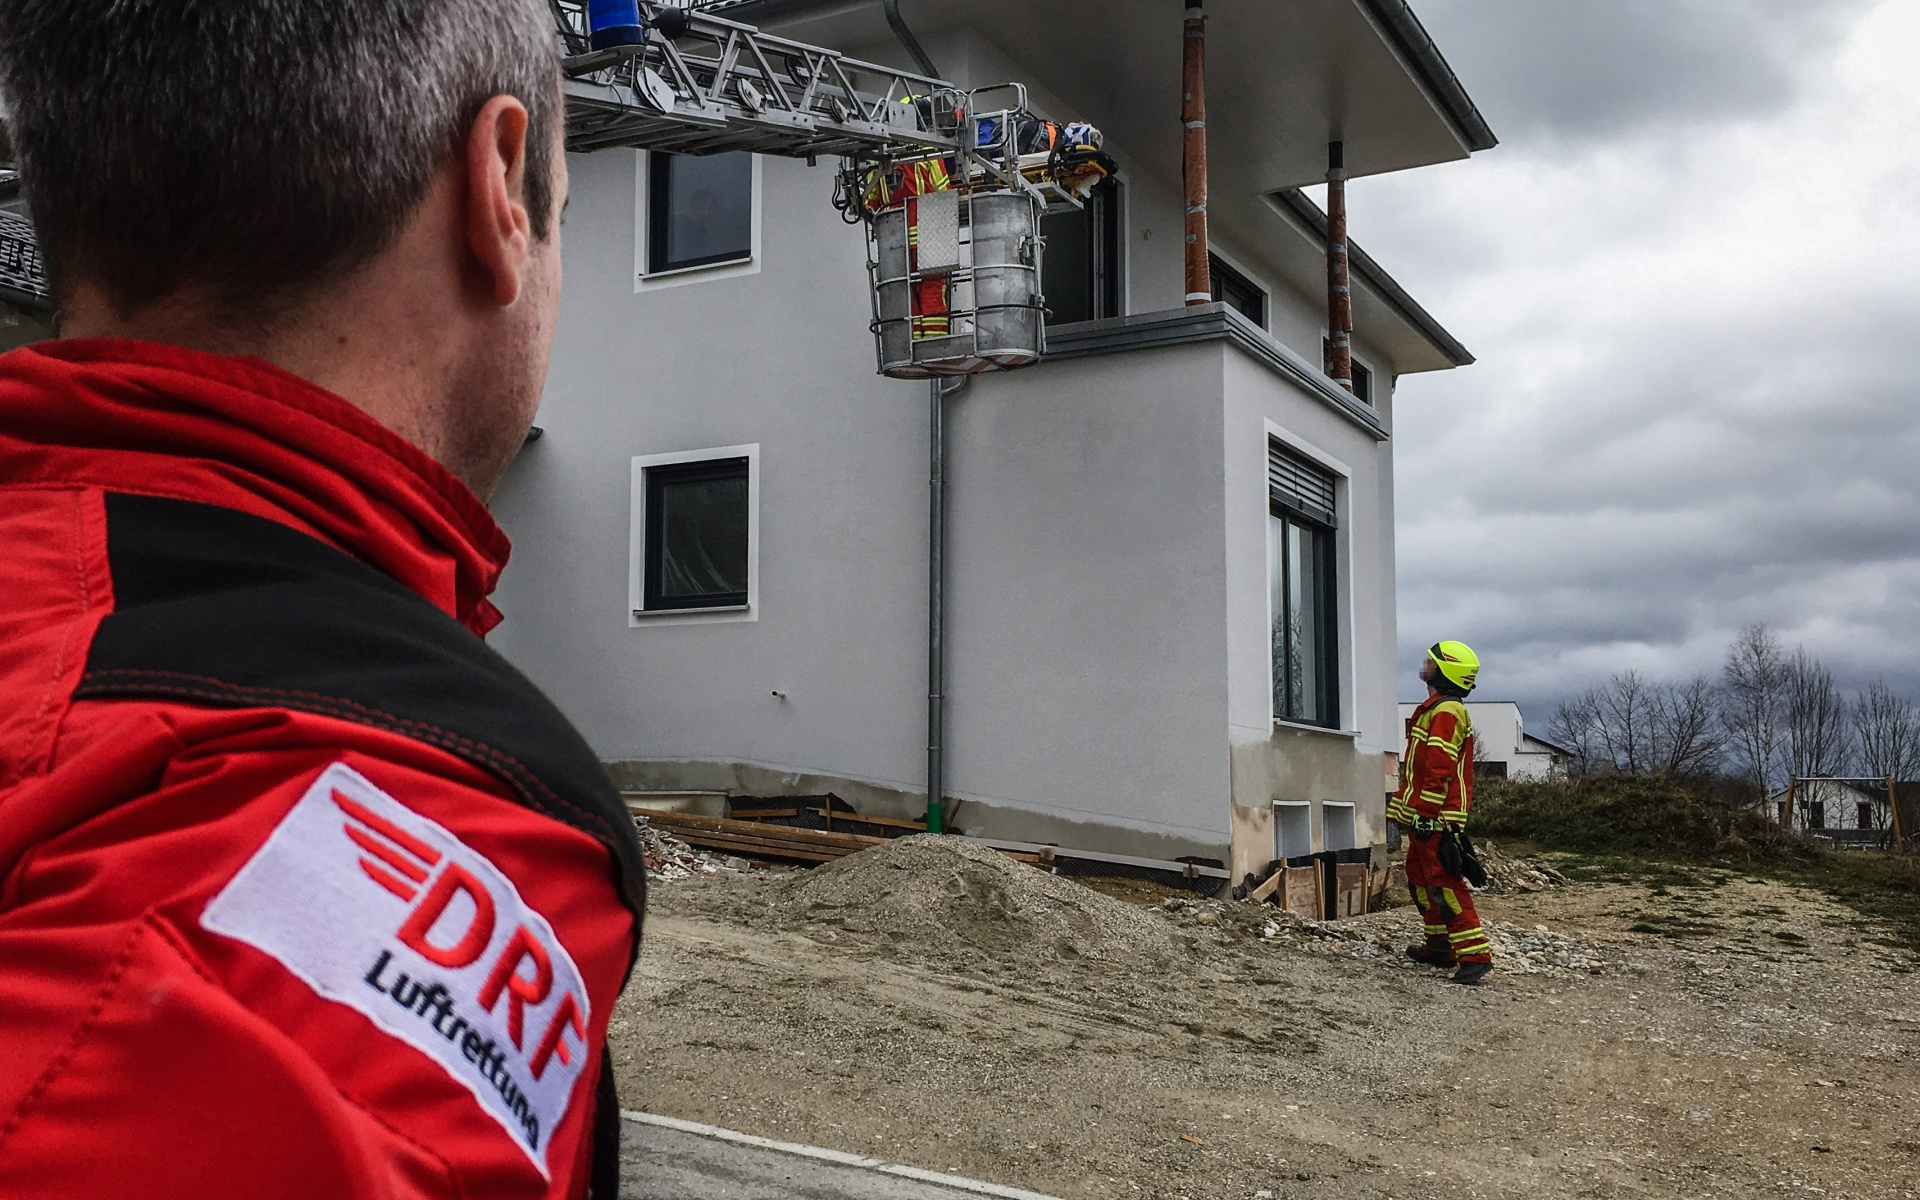 Ein Transport des Verletzten über die Treppe war nicht möglich, daher kam die Feuerwehr zu Hilfe und setzte ihre Drehleiter ein.